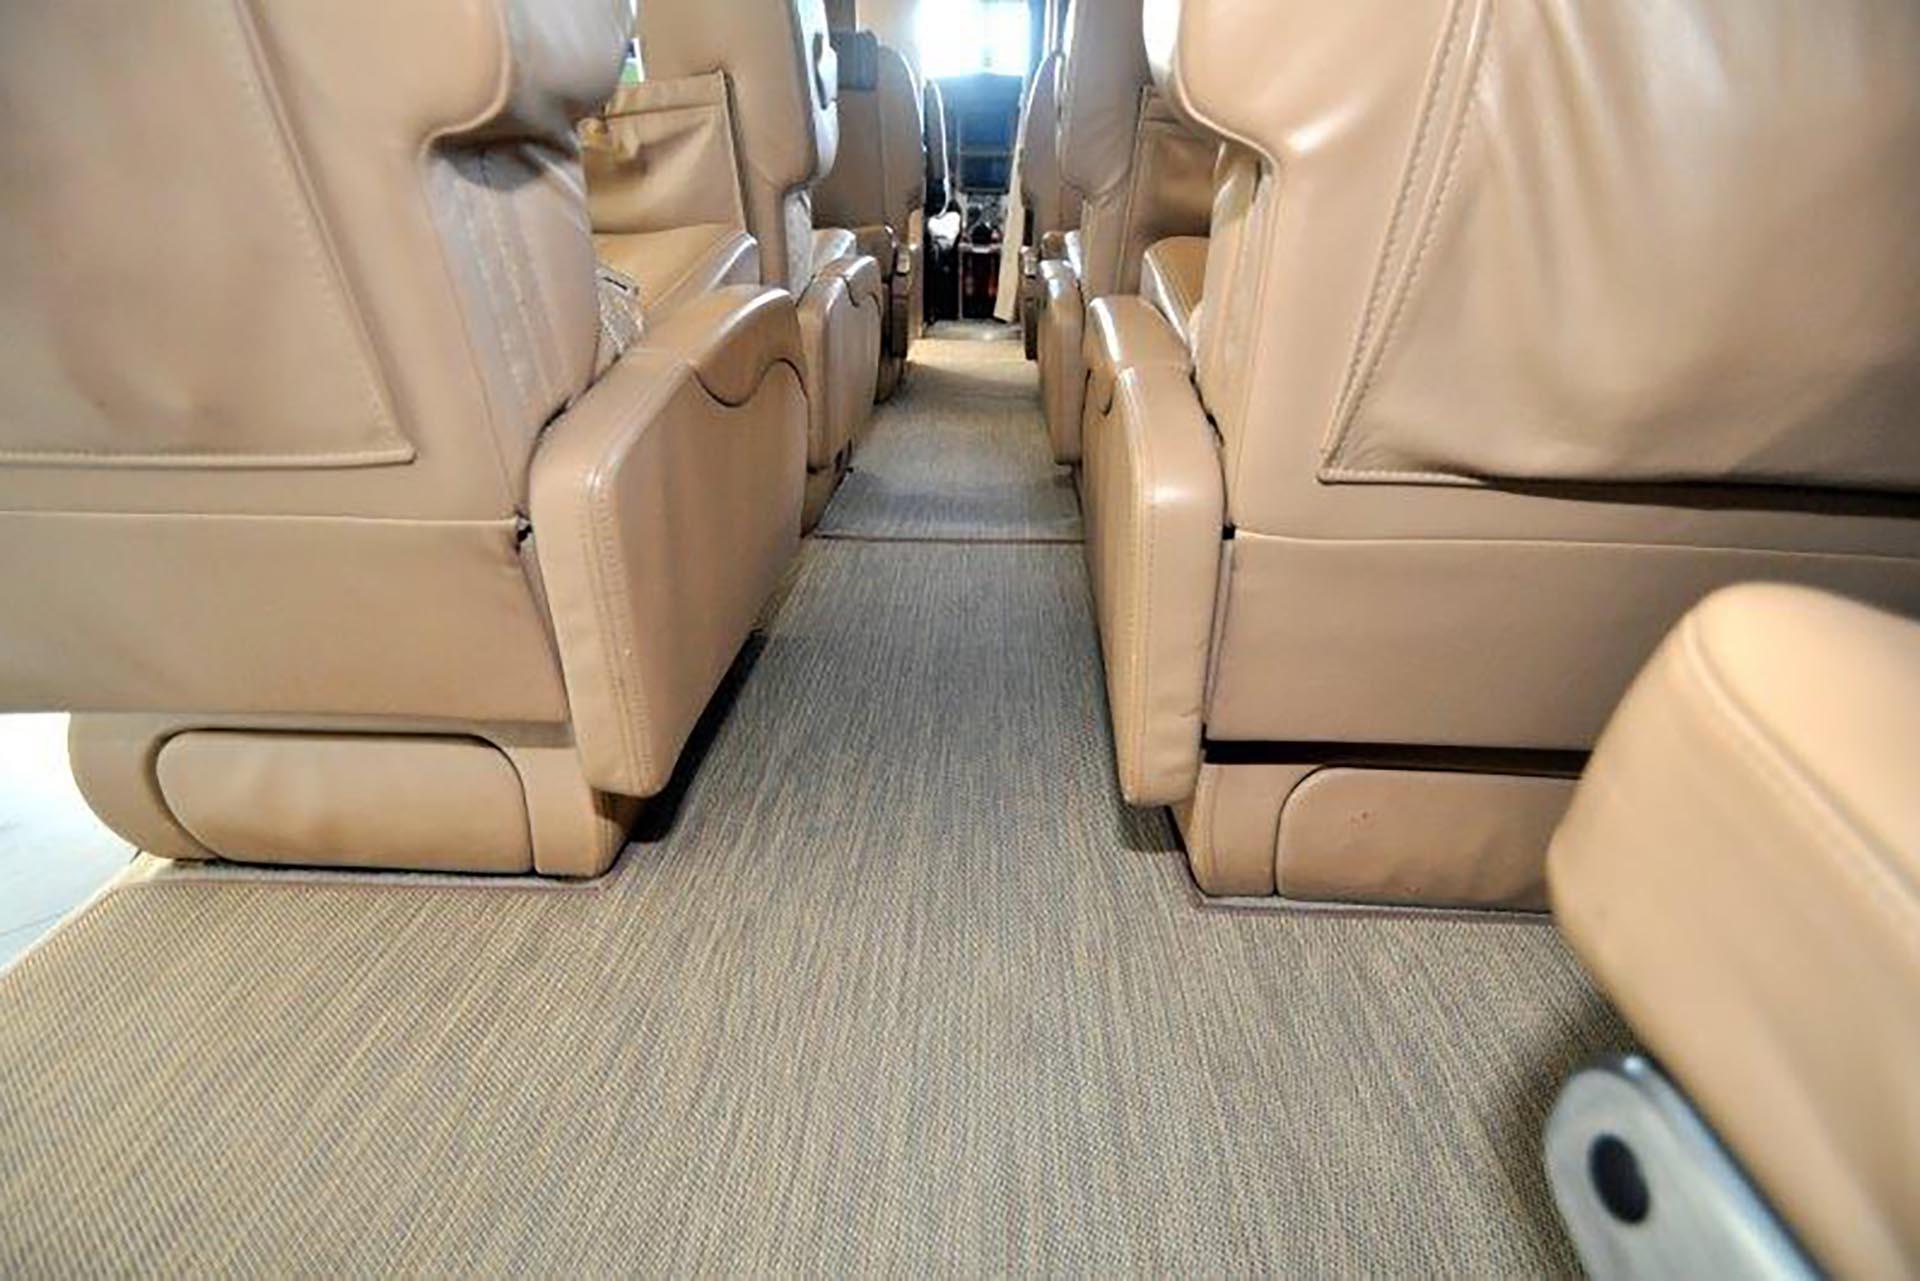 pc-12 vinyl floor runner premier jet center